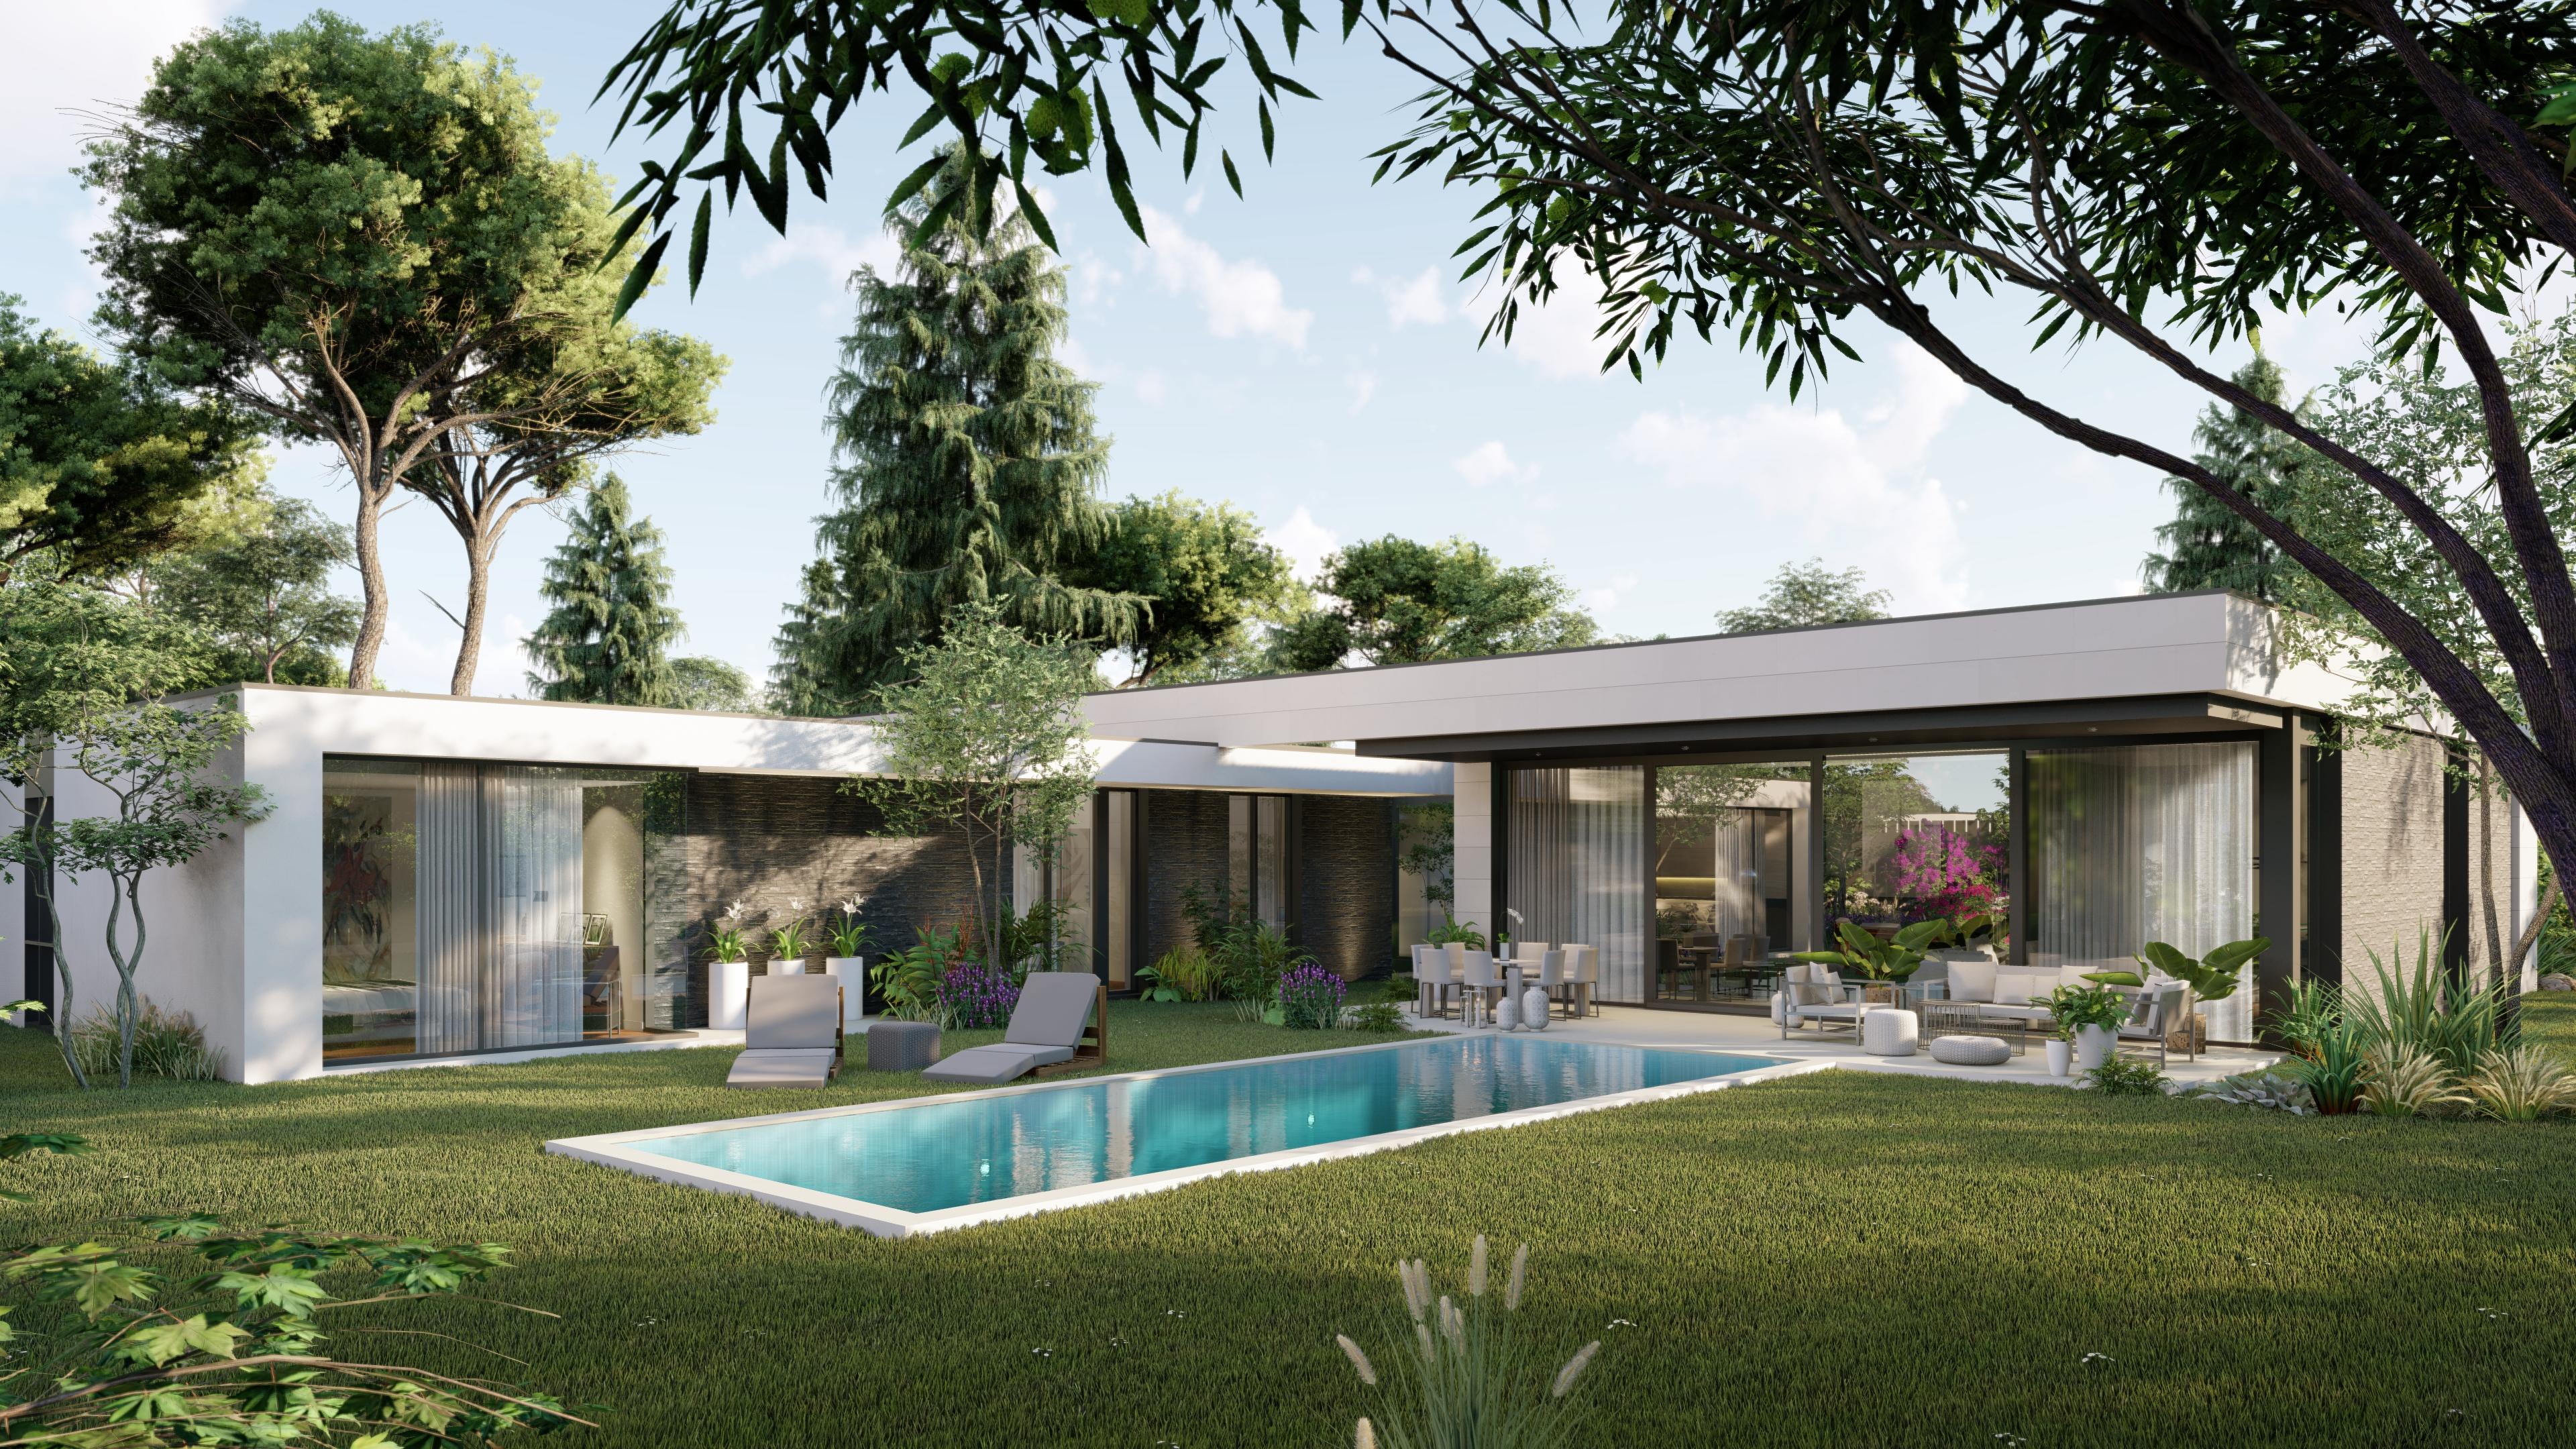 Vista exterior. QHOMES9 es un proyecto del estudio de arquitectura FH2L Arquitectos. Conformado por 9 viviendas unifamiliares .